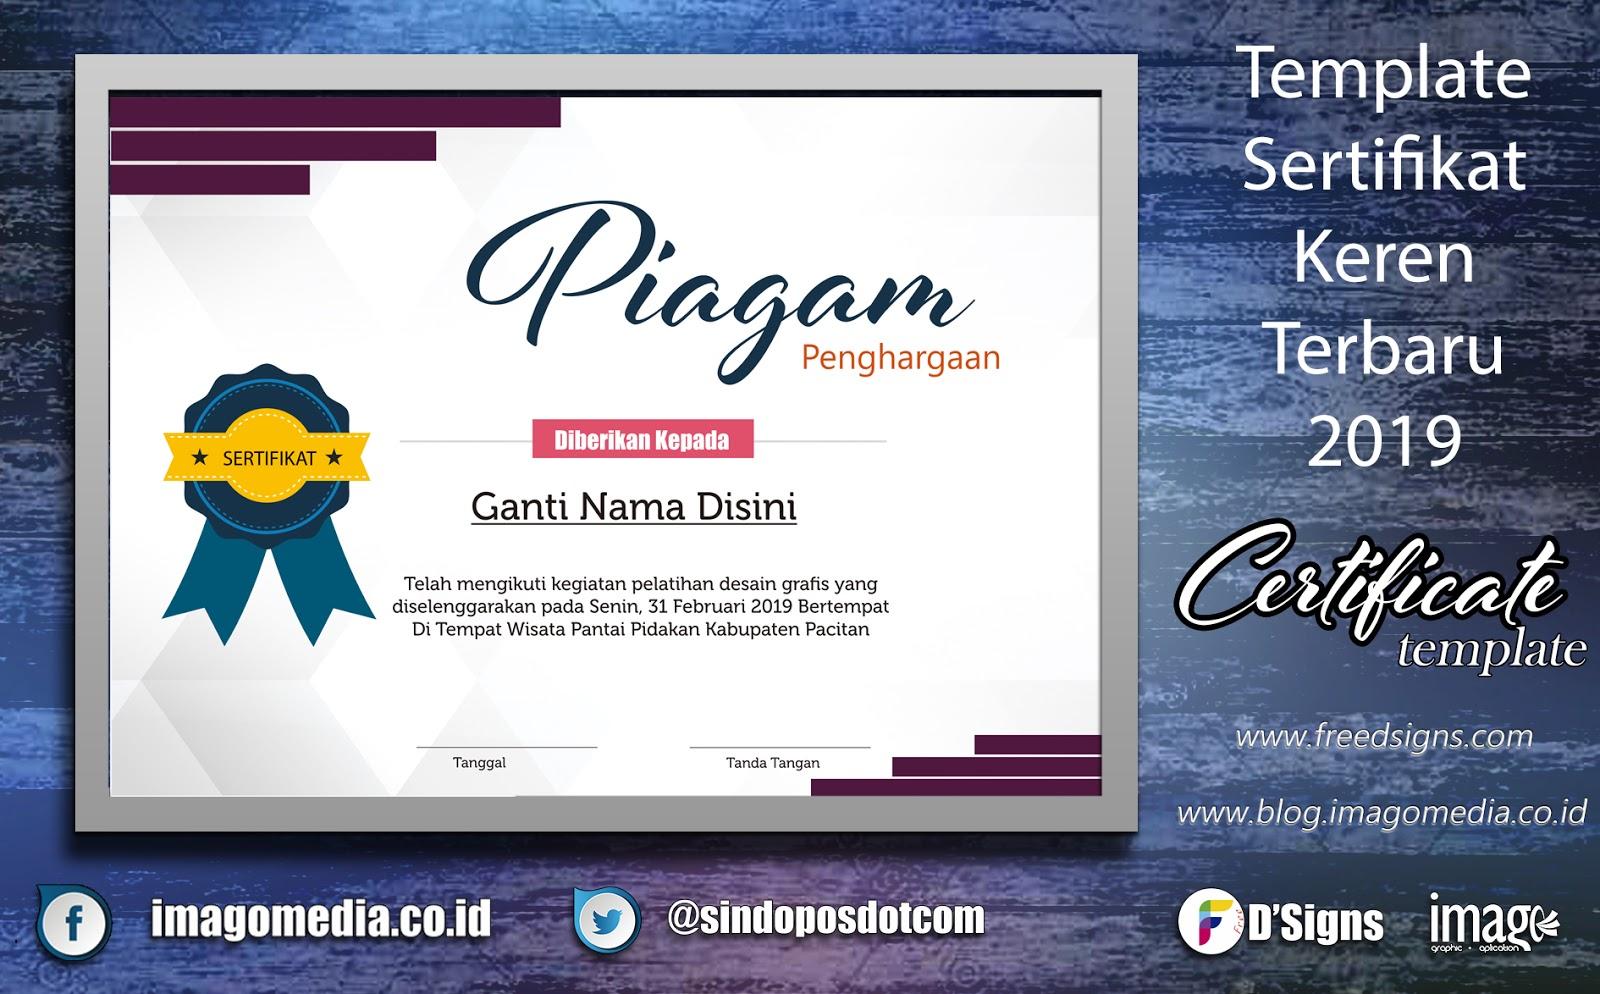 update_contoh_sertifikat_piagam_keren_tahun_2019_terbaru